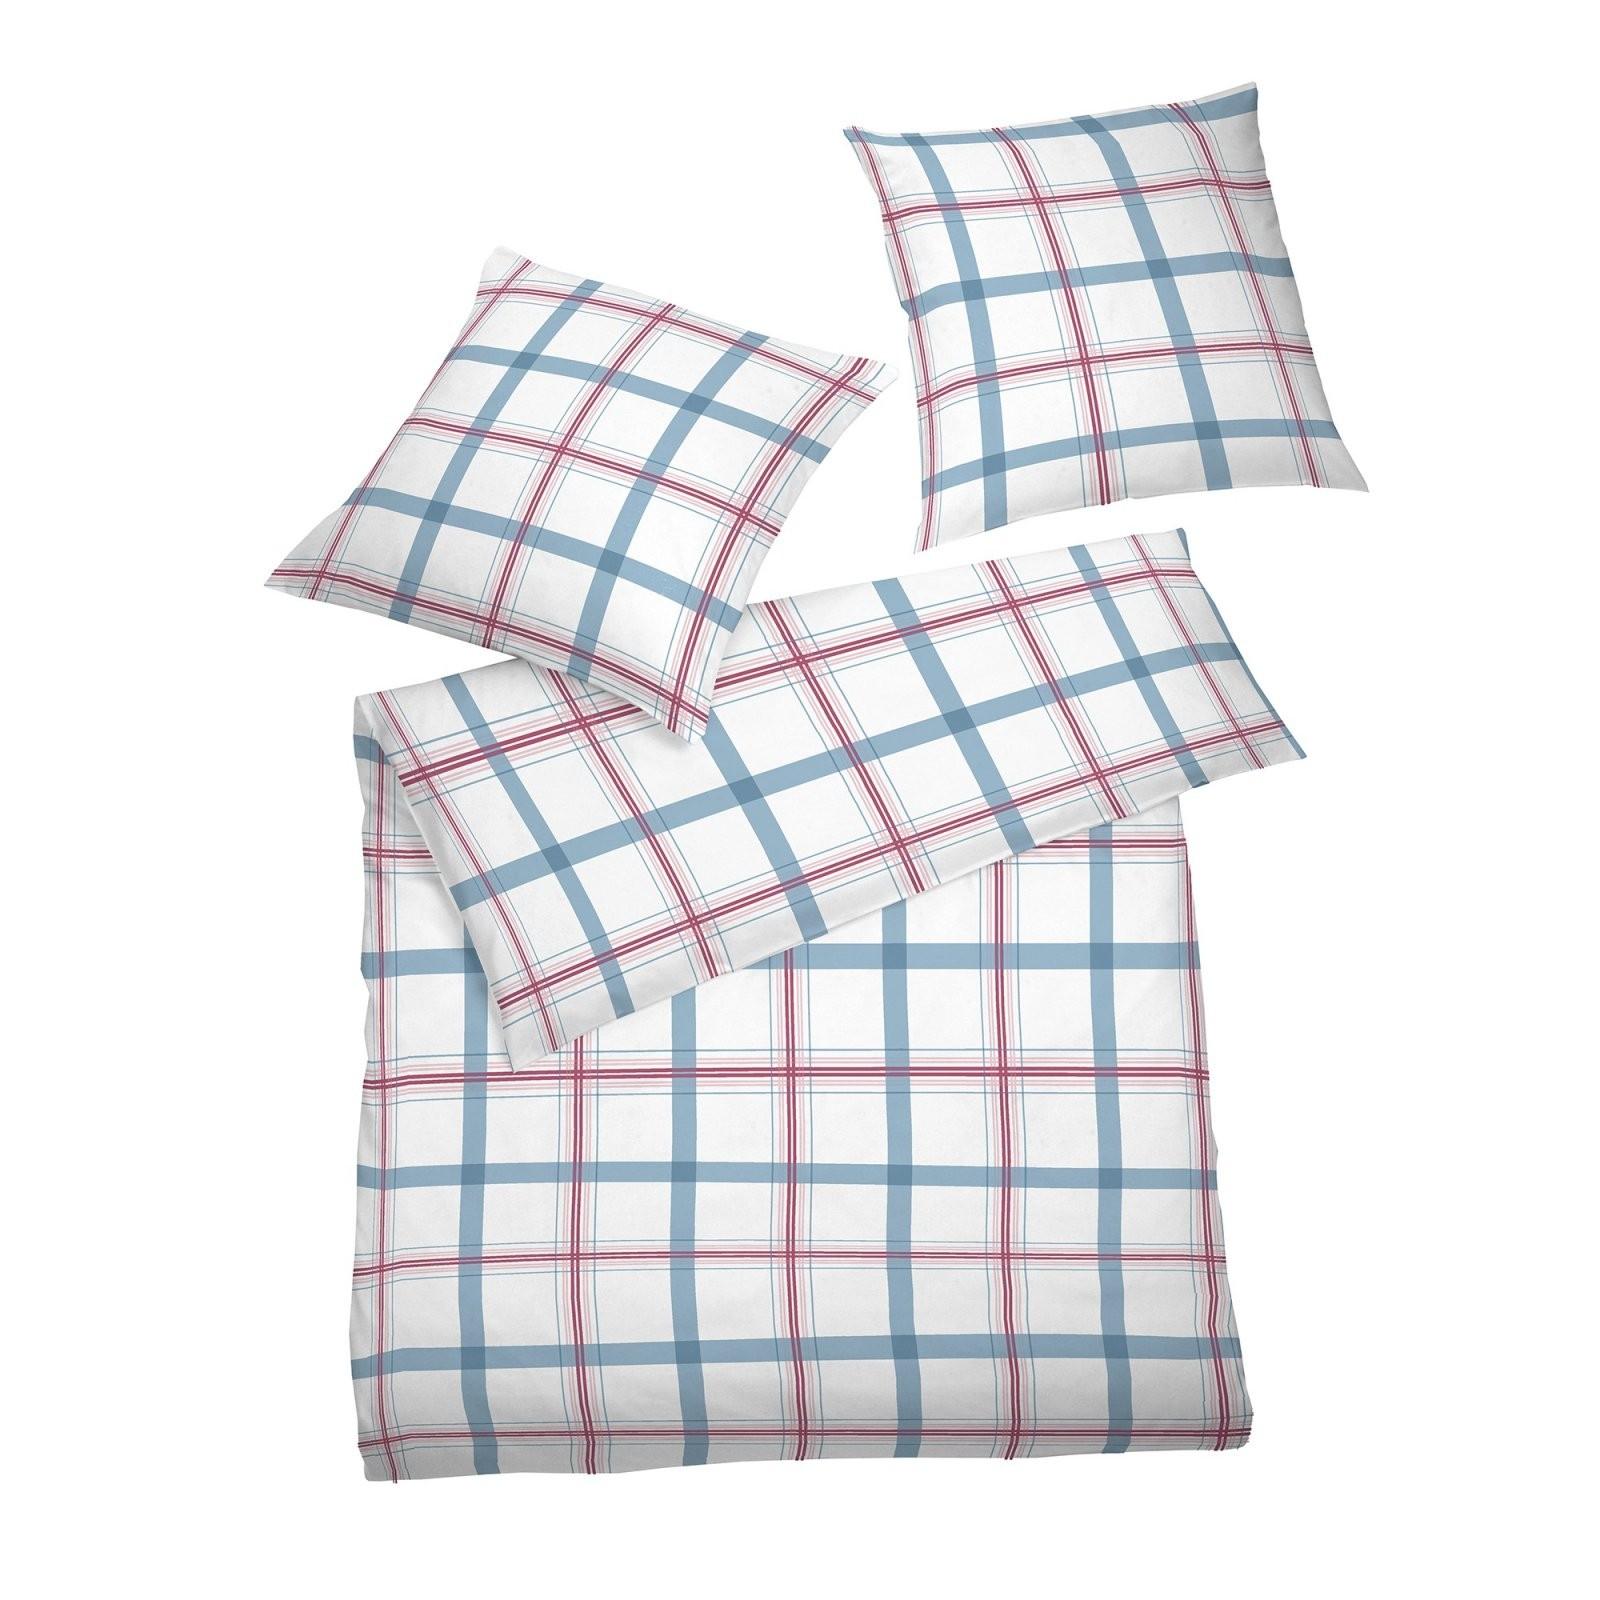 Bettwäsche Der Marke Schlafgut  Kaufen Im Schlafgut Onlineshop von Bettwäsche 2X2 Meter Bild